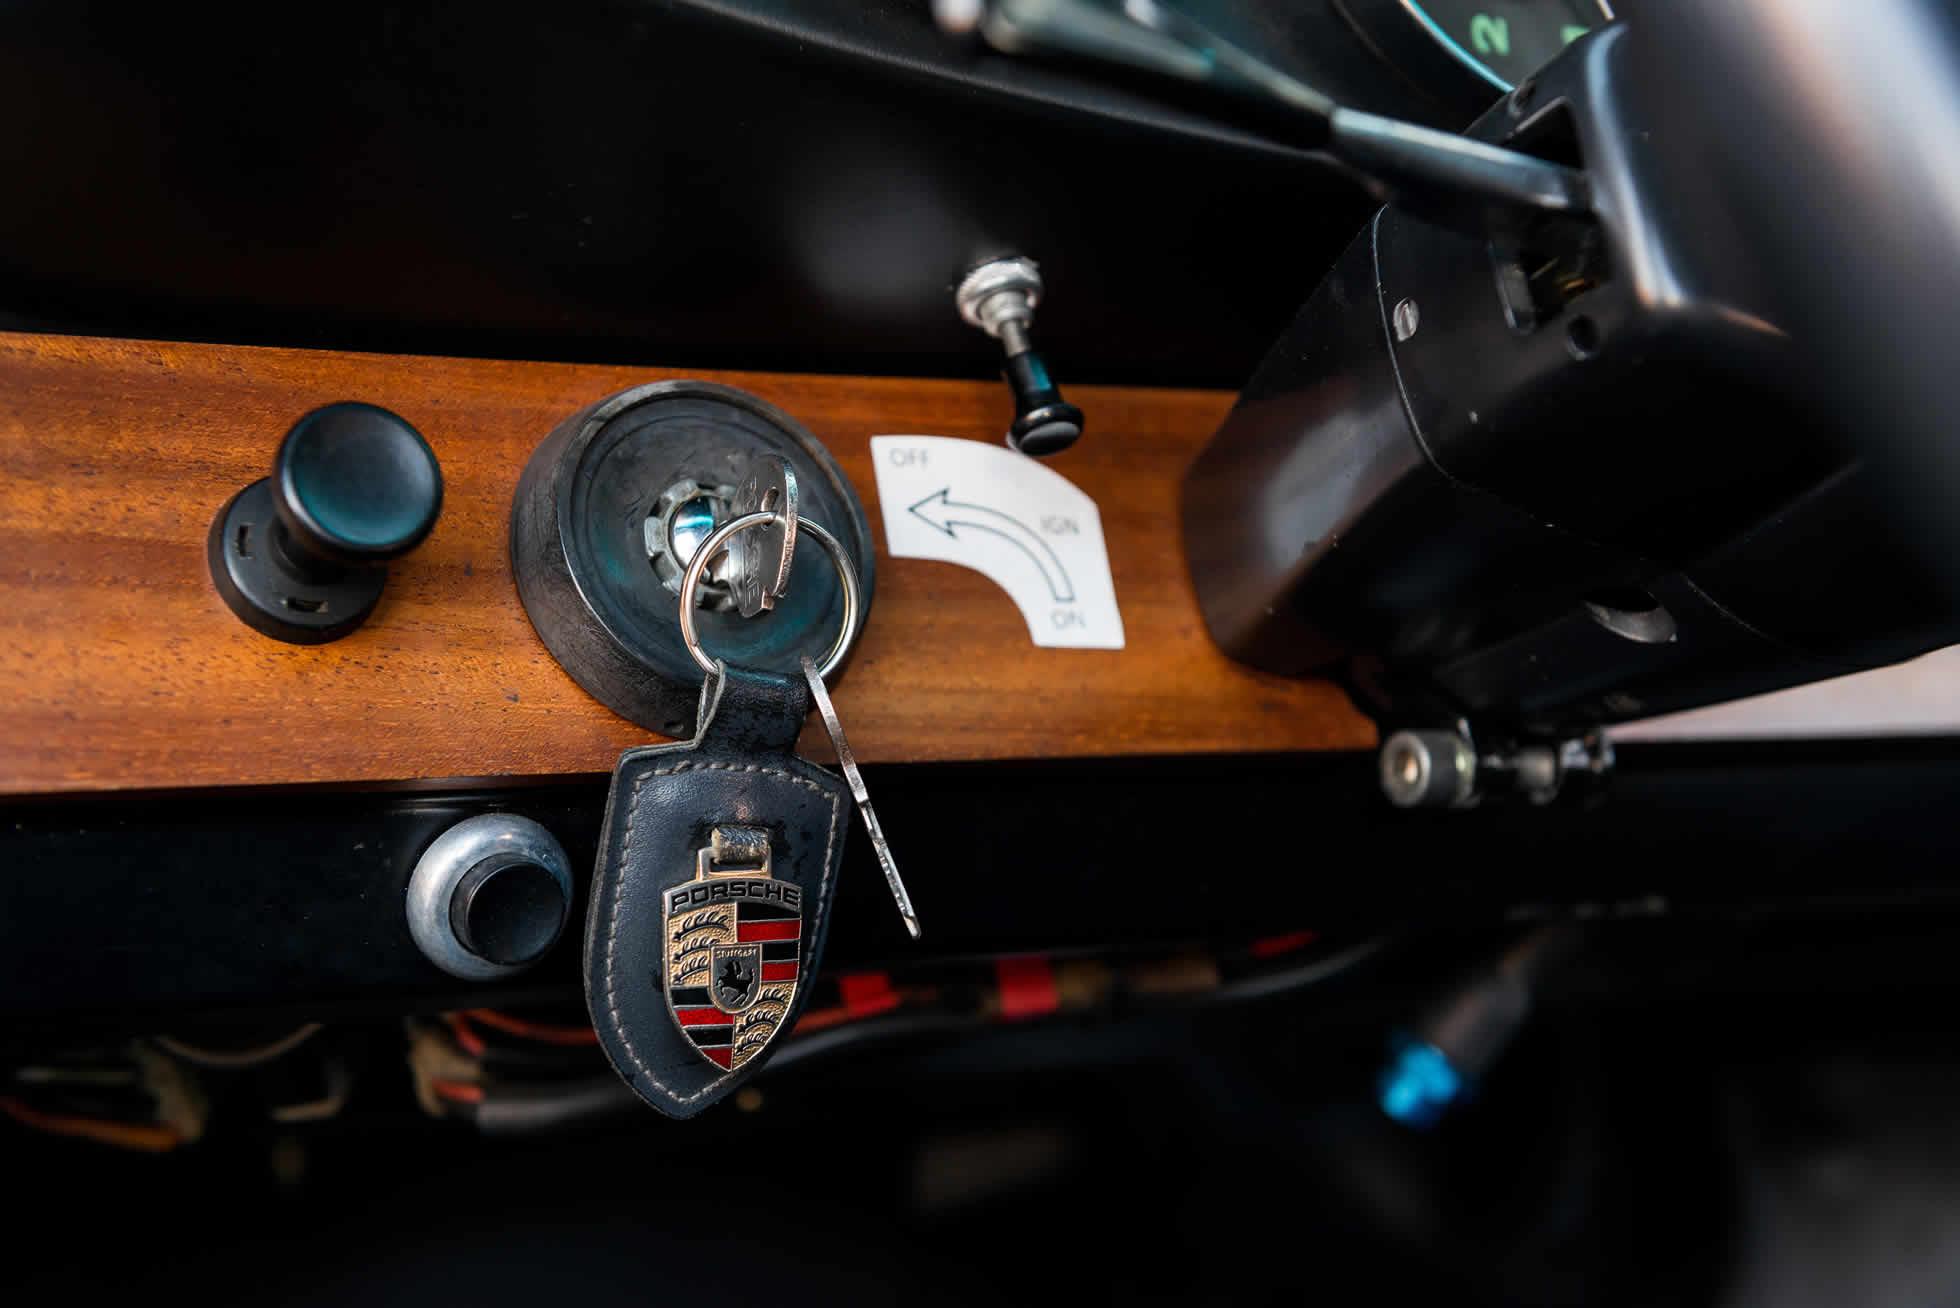 For Sale 1965 Porsche 911 2-Litre Race Car dash